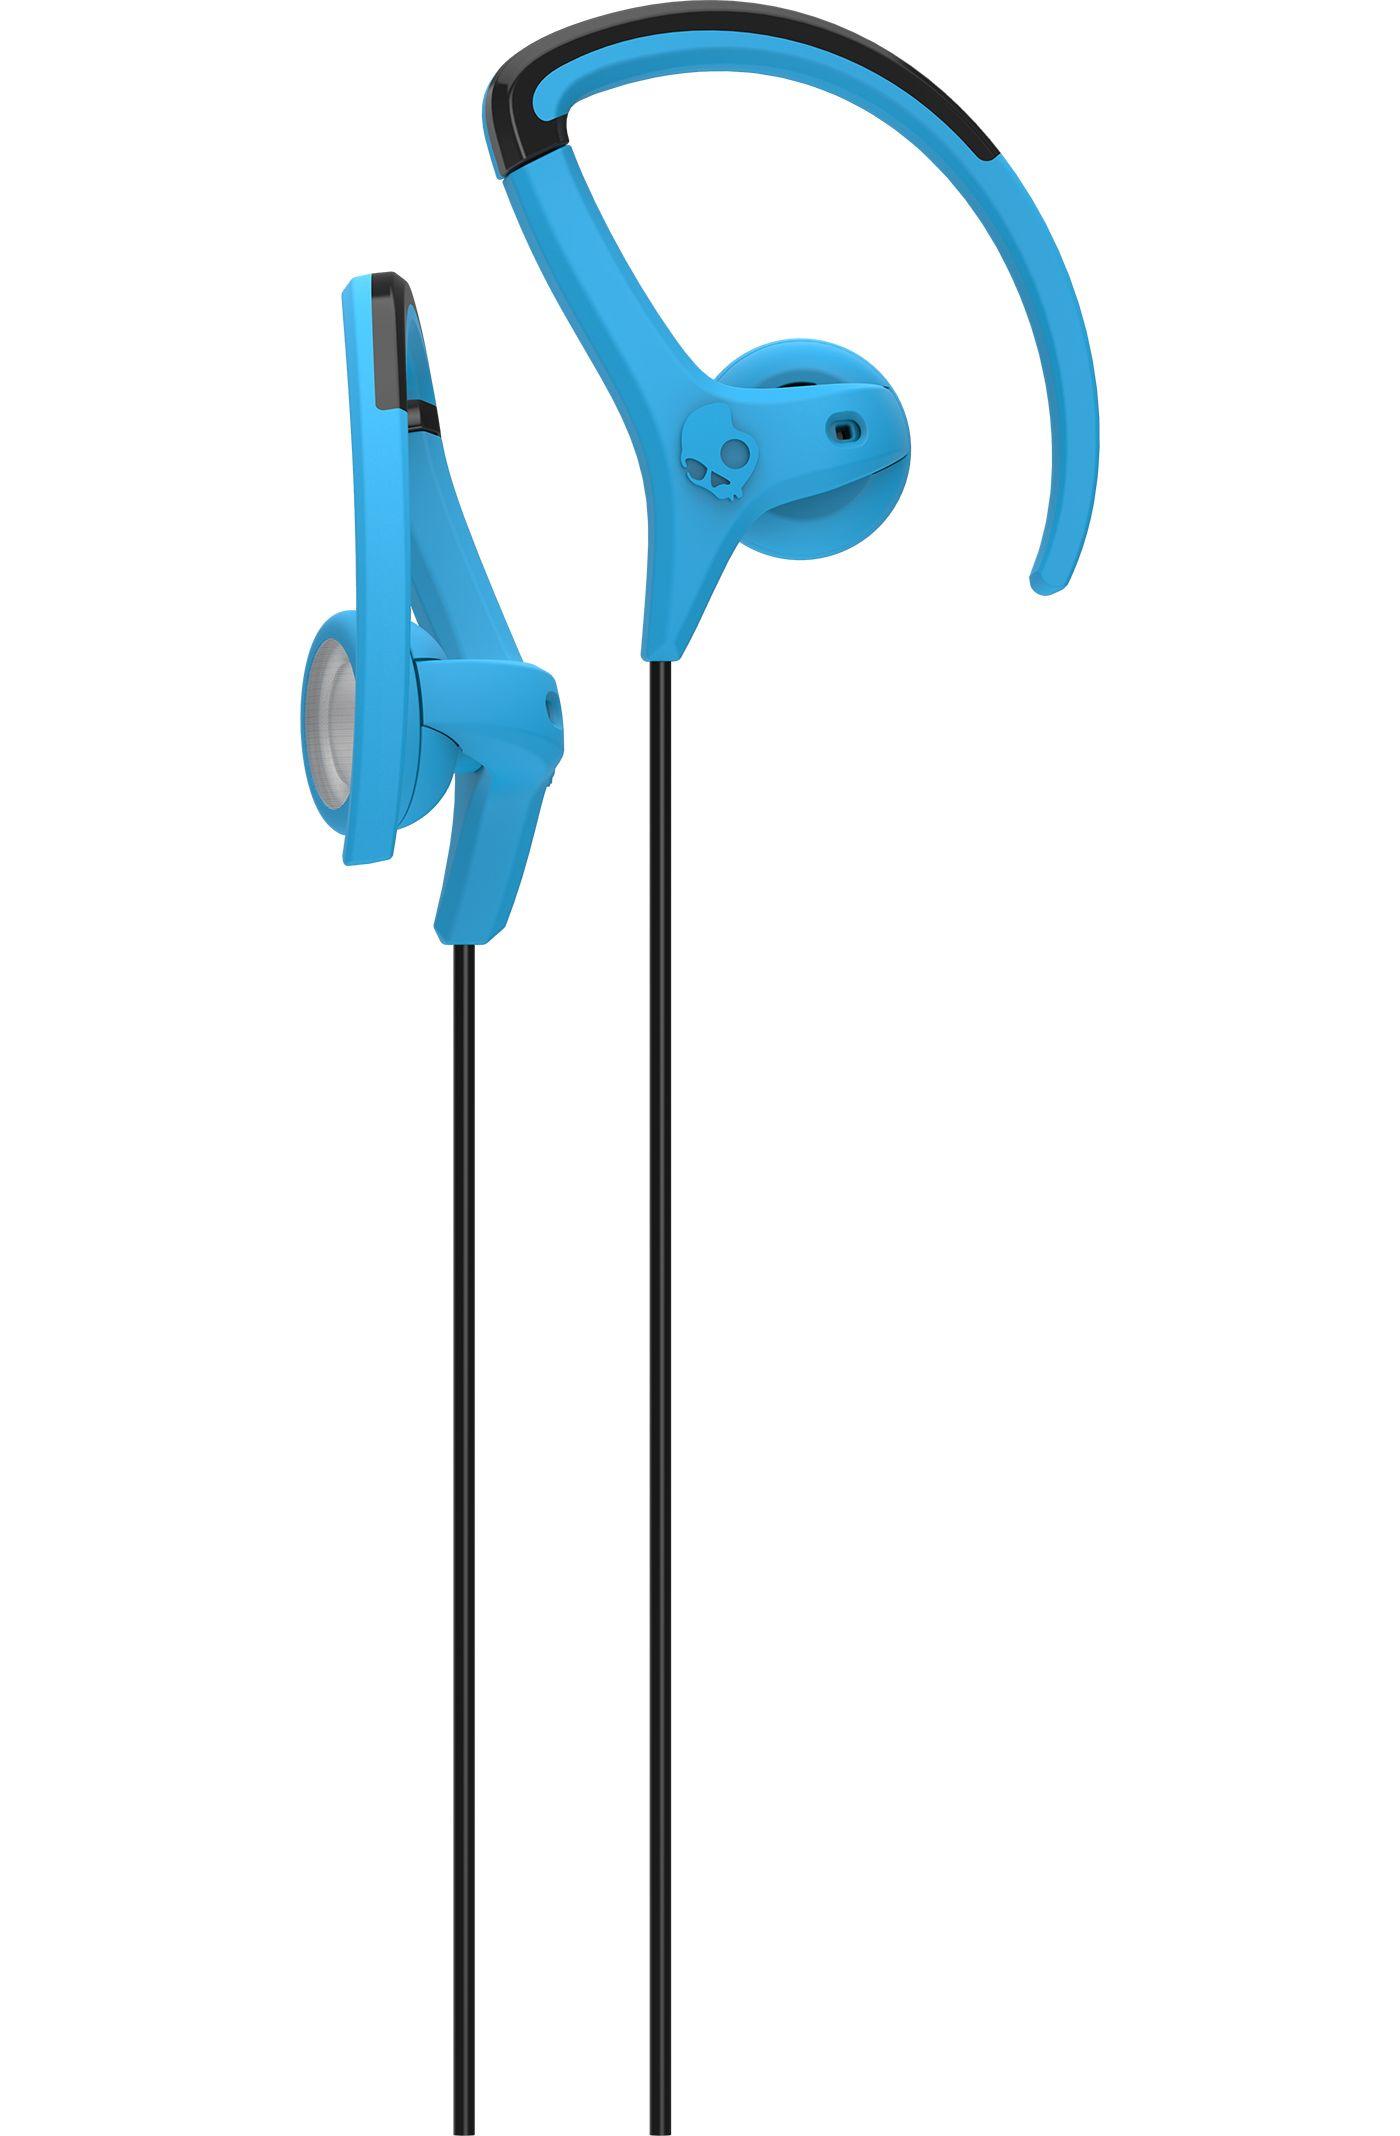 Skullcandy SP Chops Earbuds